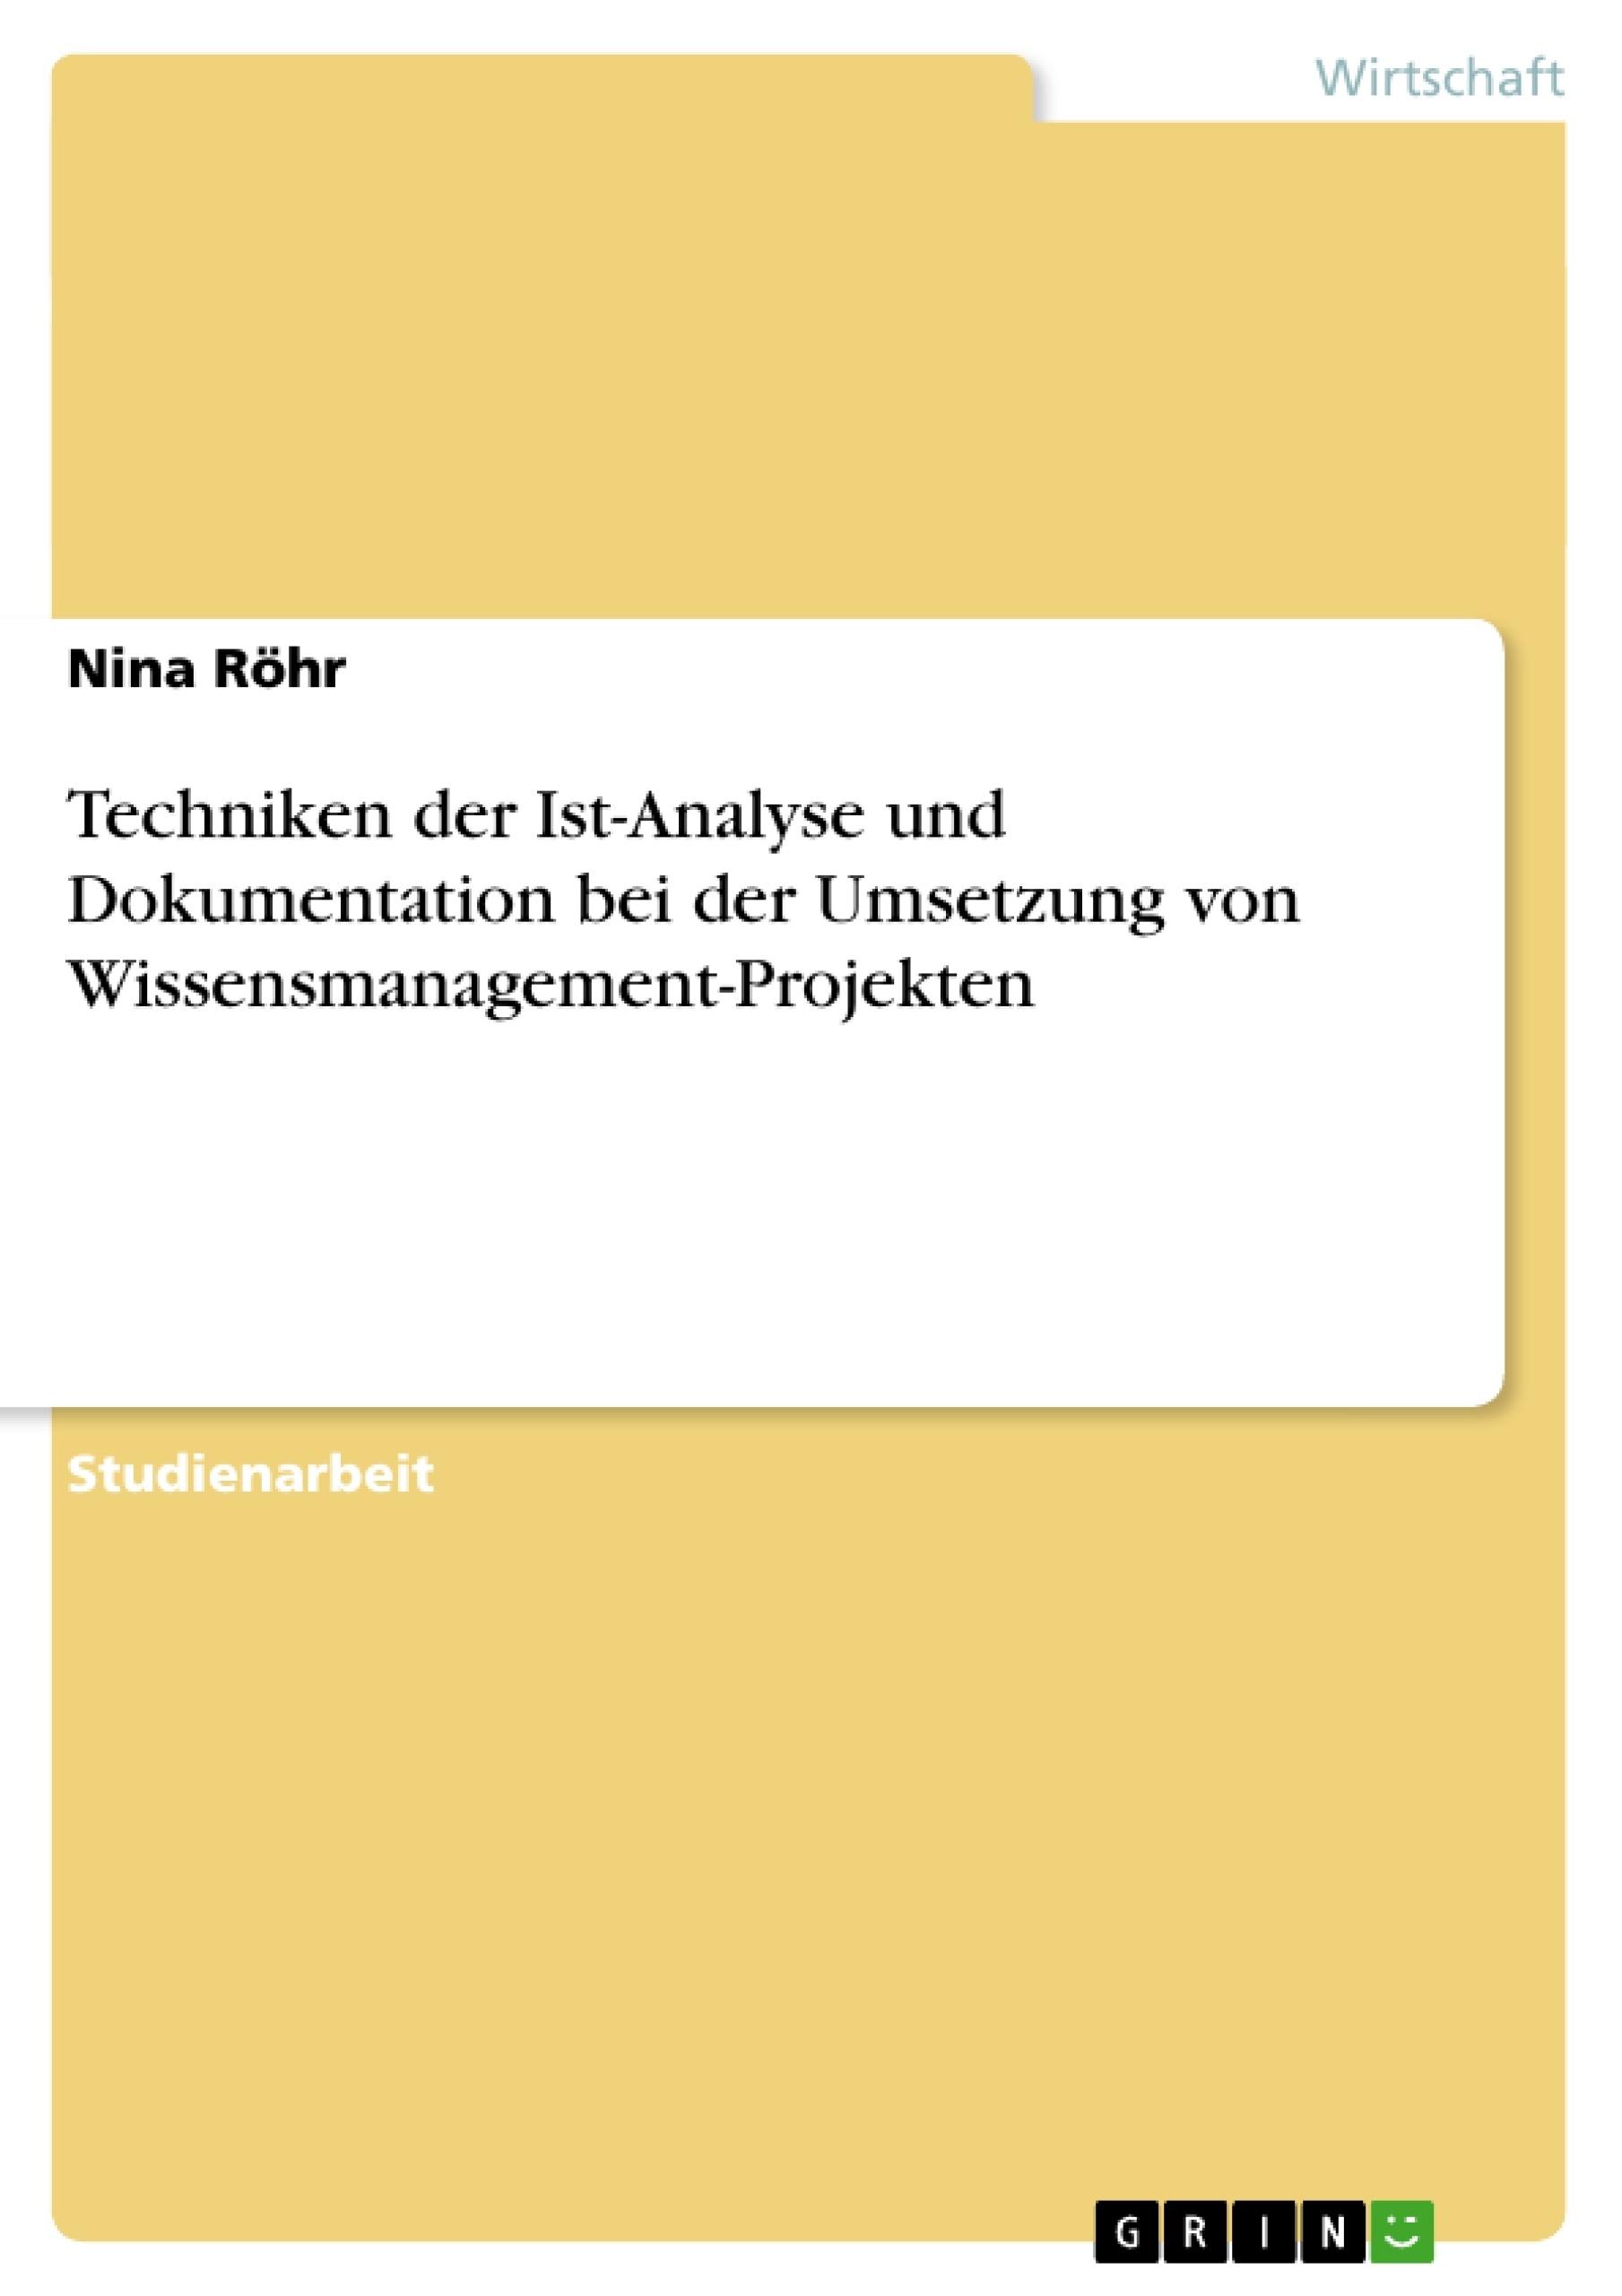 Titel: Techniken der Ist-Analyse und Dokumentation bei der Umsetzung von Wissensmanagement-Projekten